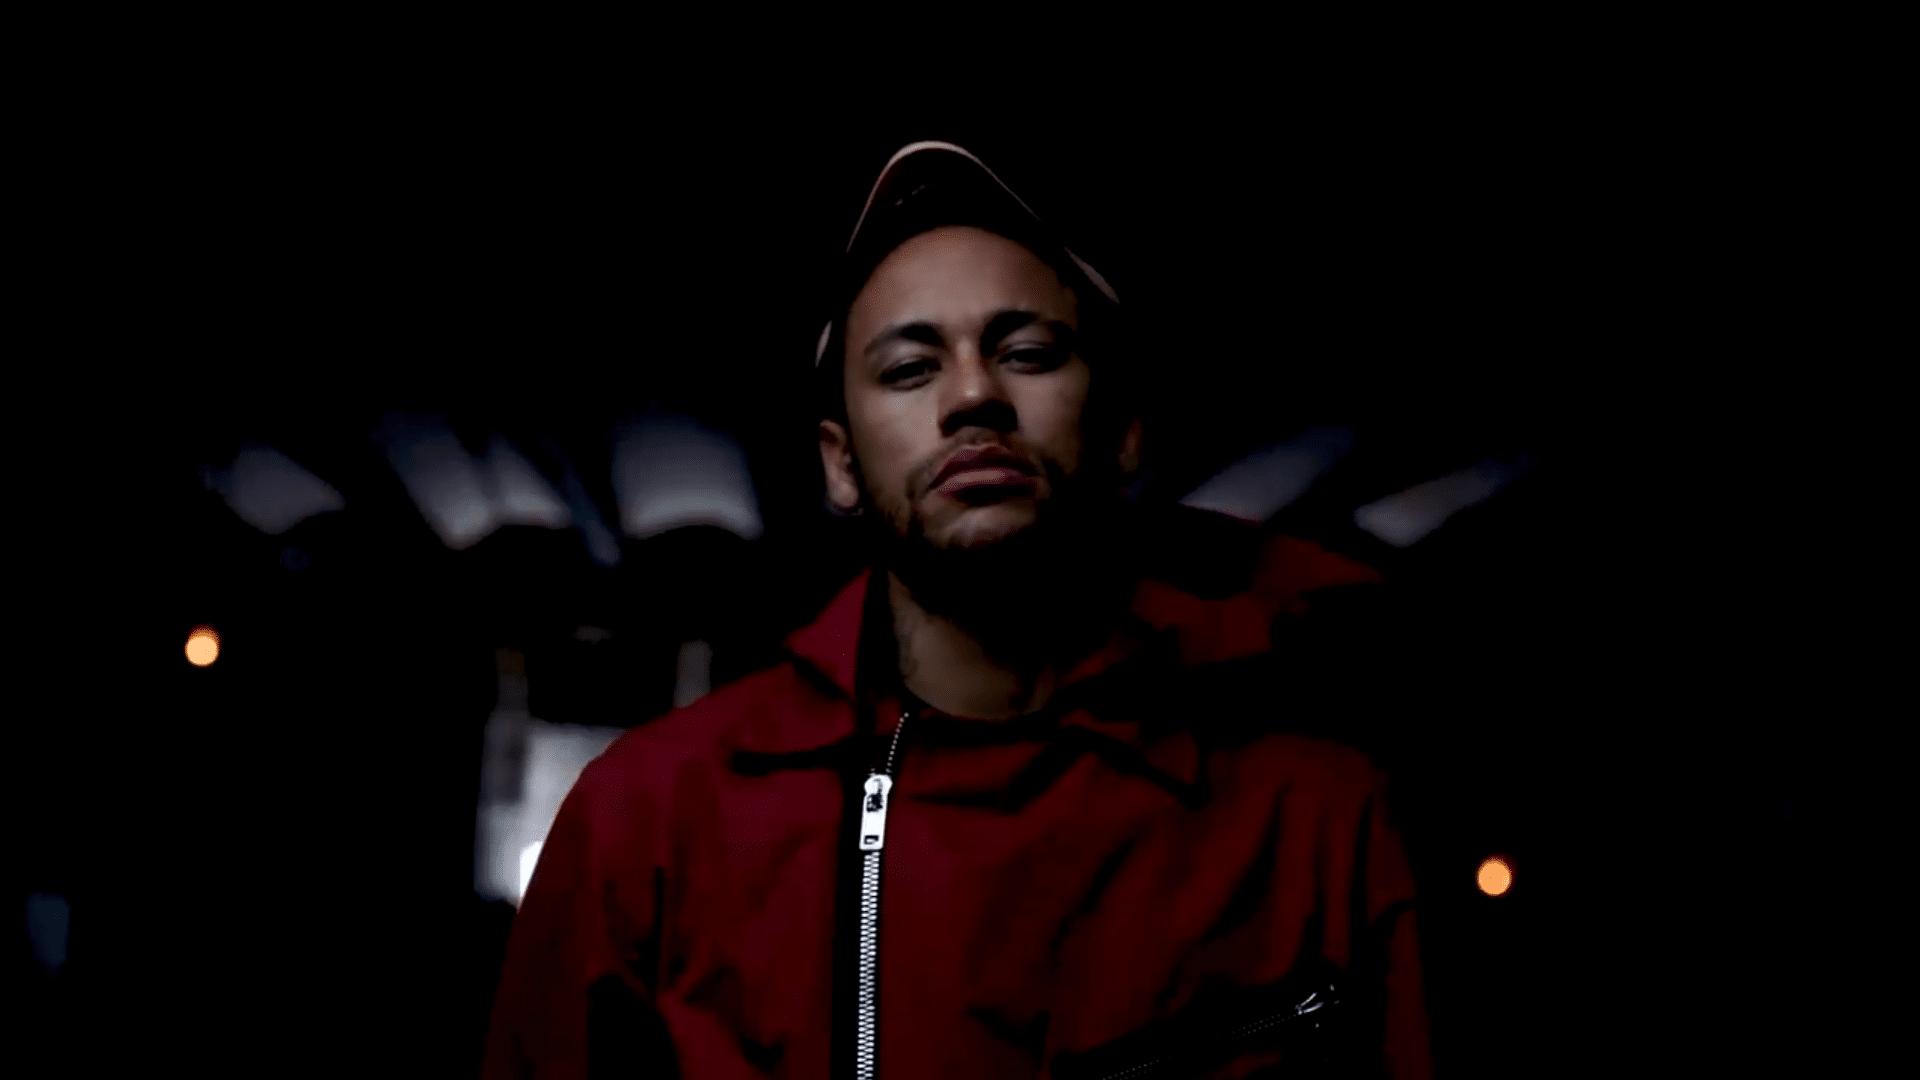 Neymar Ne La Casa Di Carta 3 Netflix Laveva Rimosso Ecco